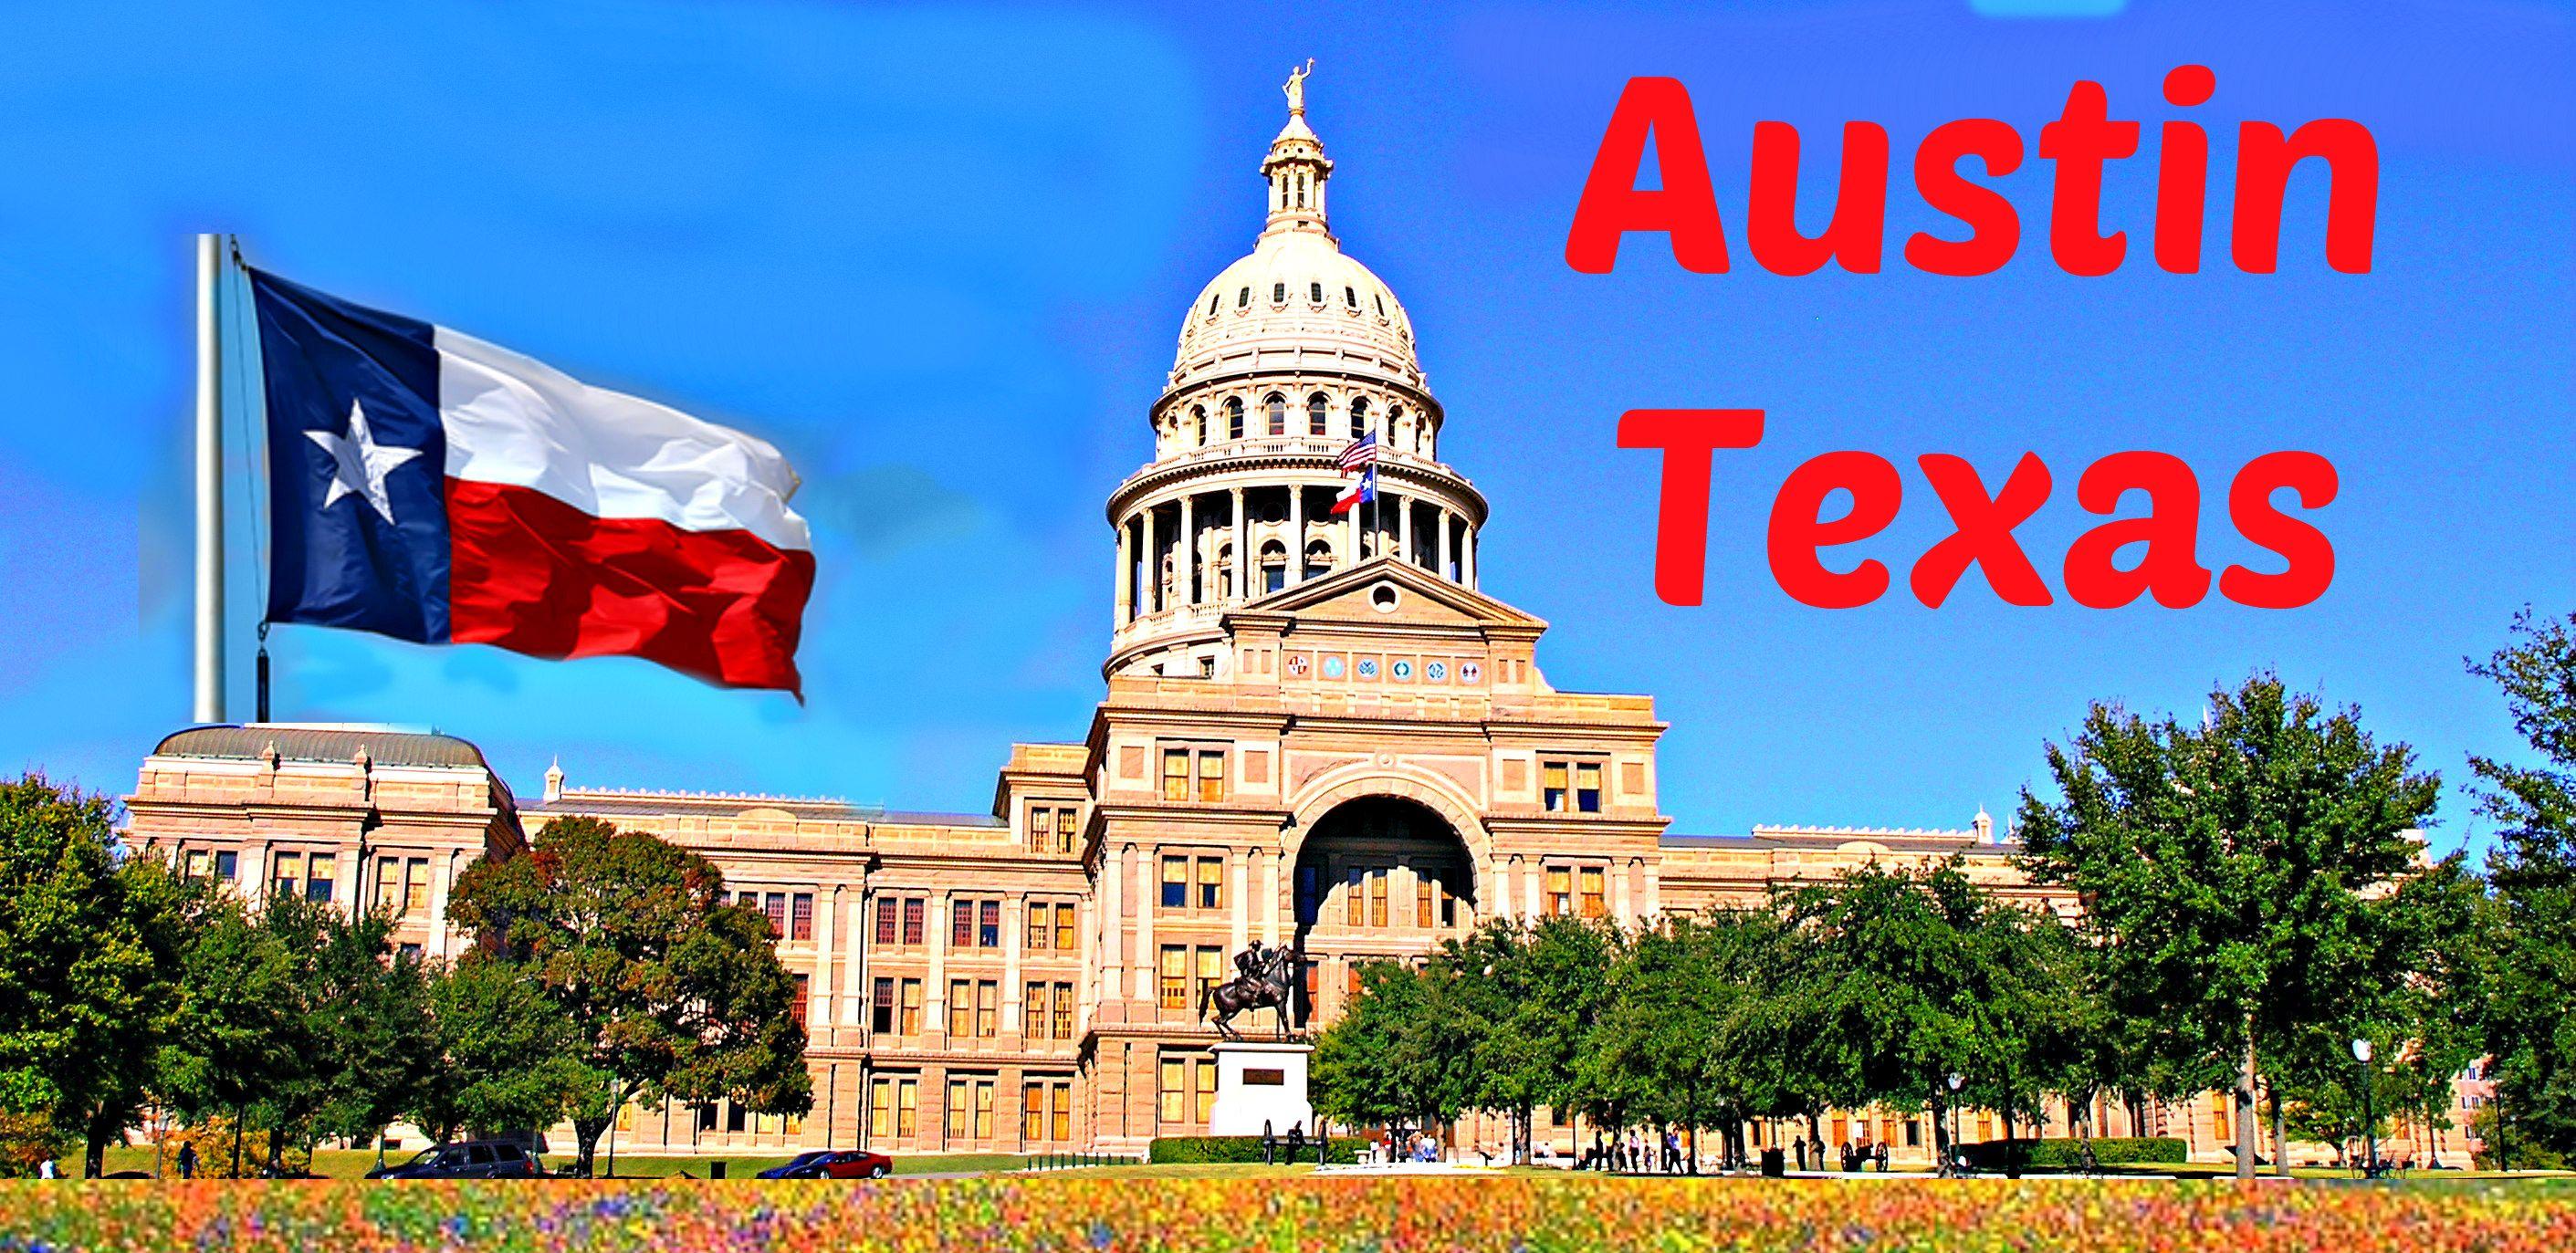 Capital building in austin texas texas austin texas